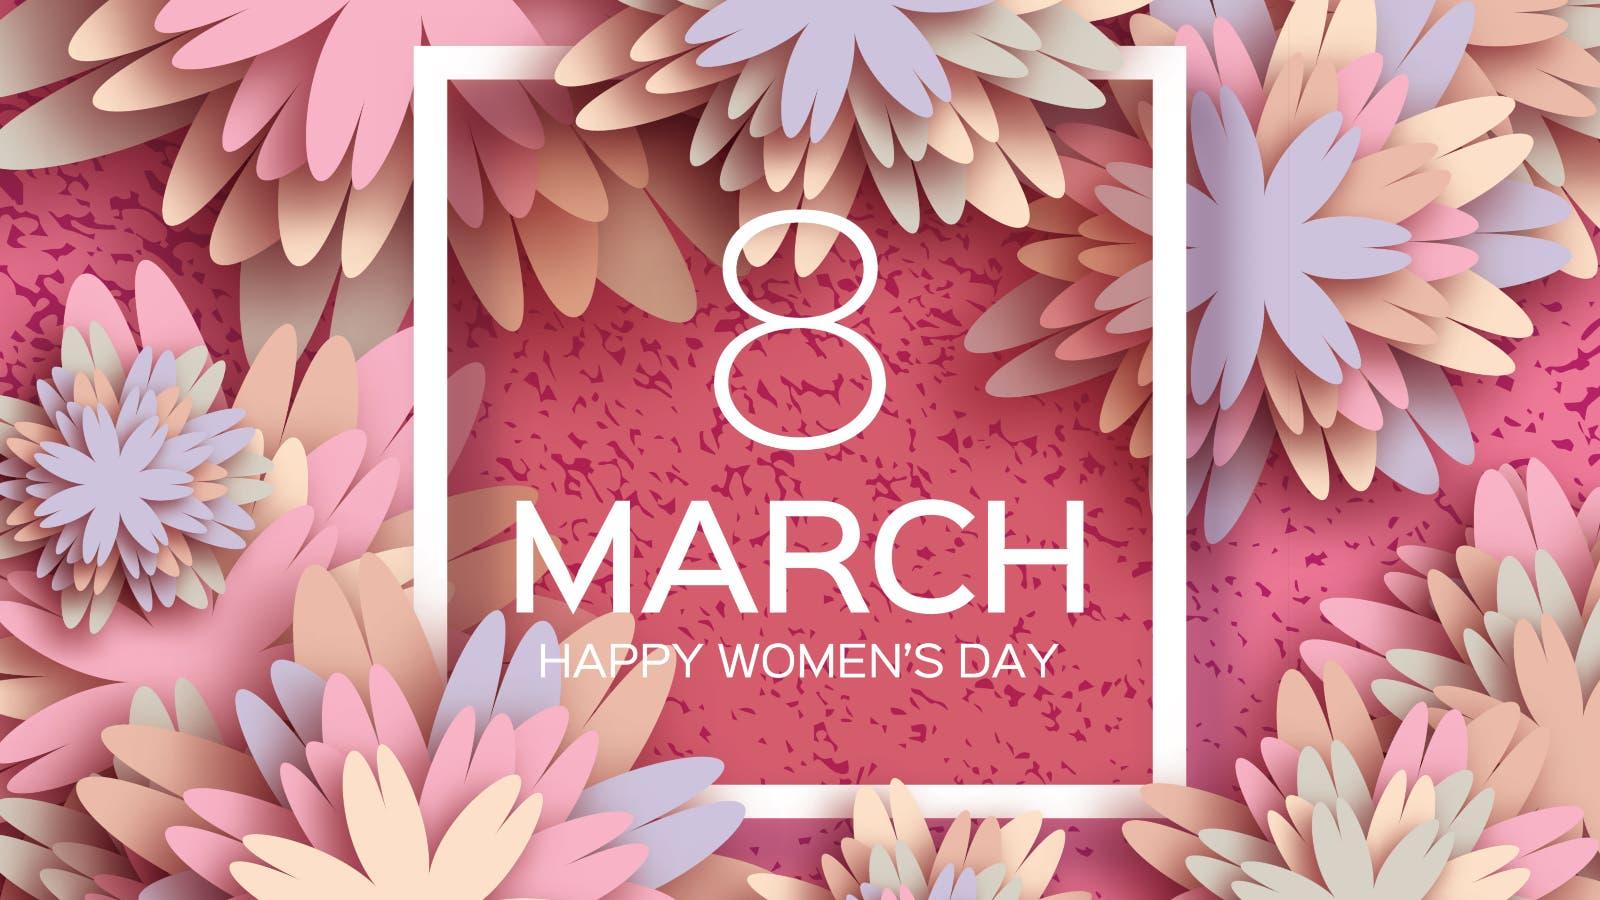 أقوال عن المرأة في يوم المرأة العالمي